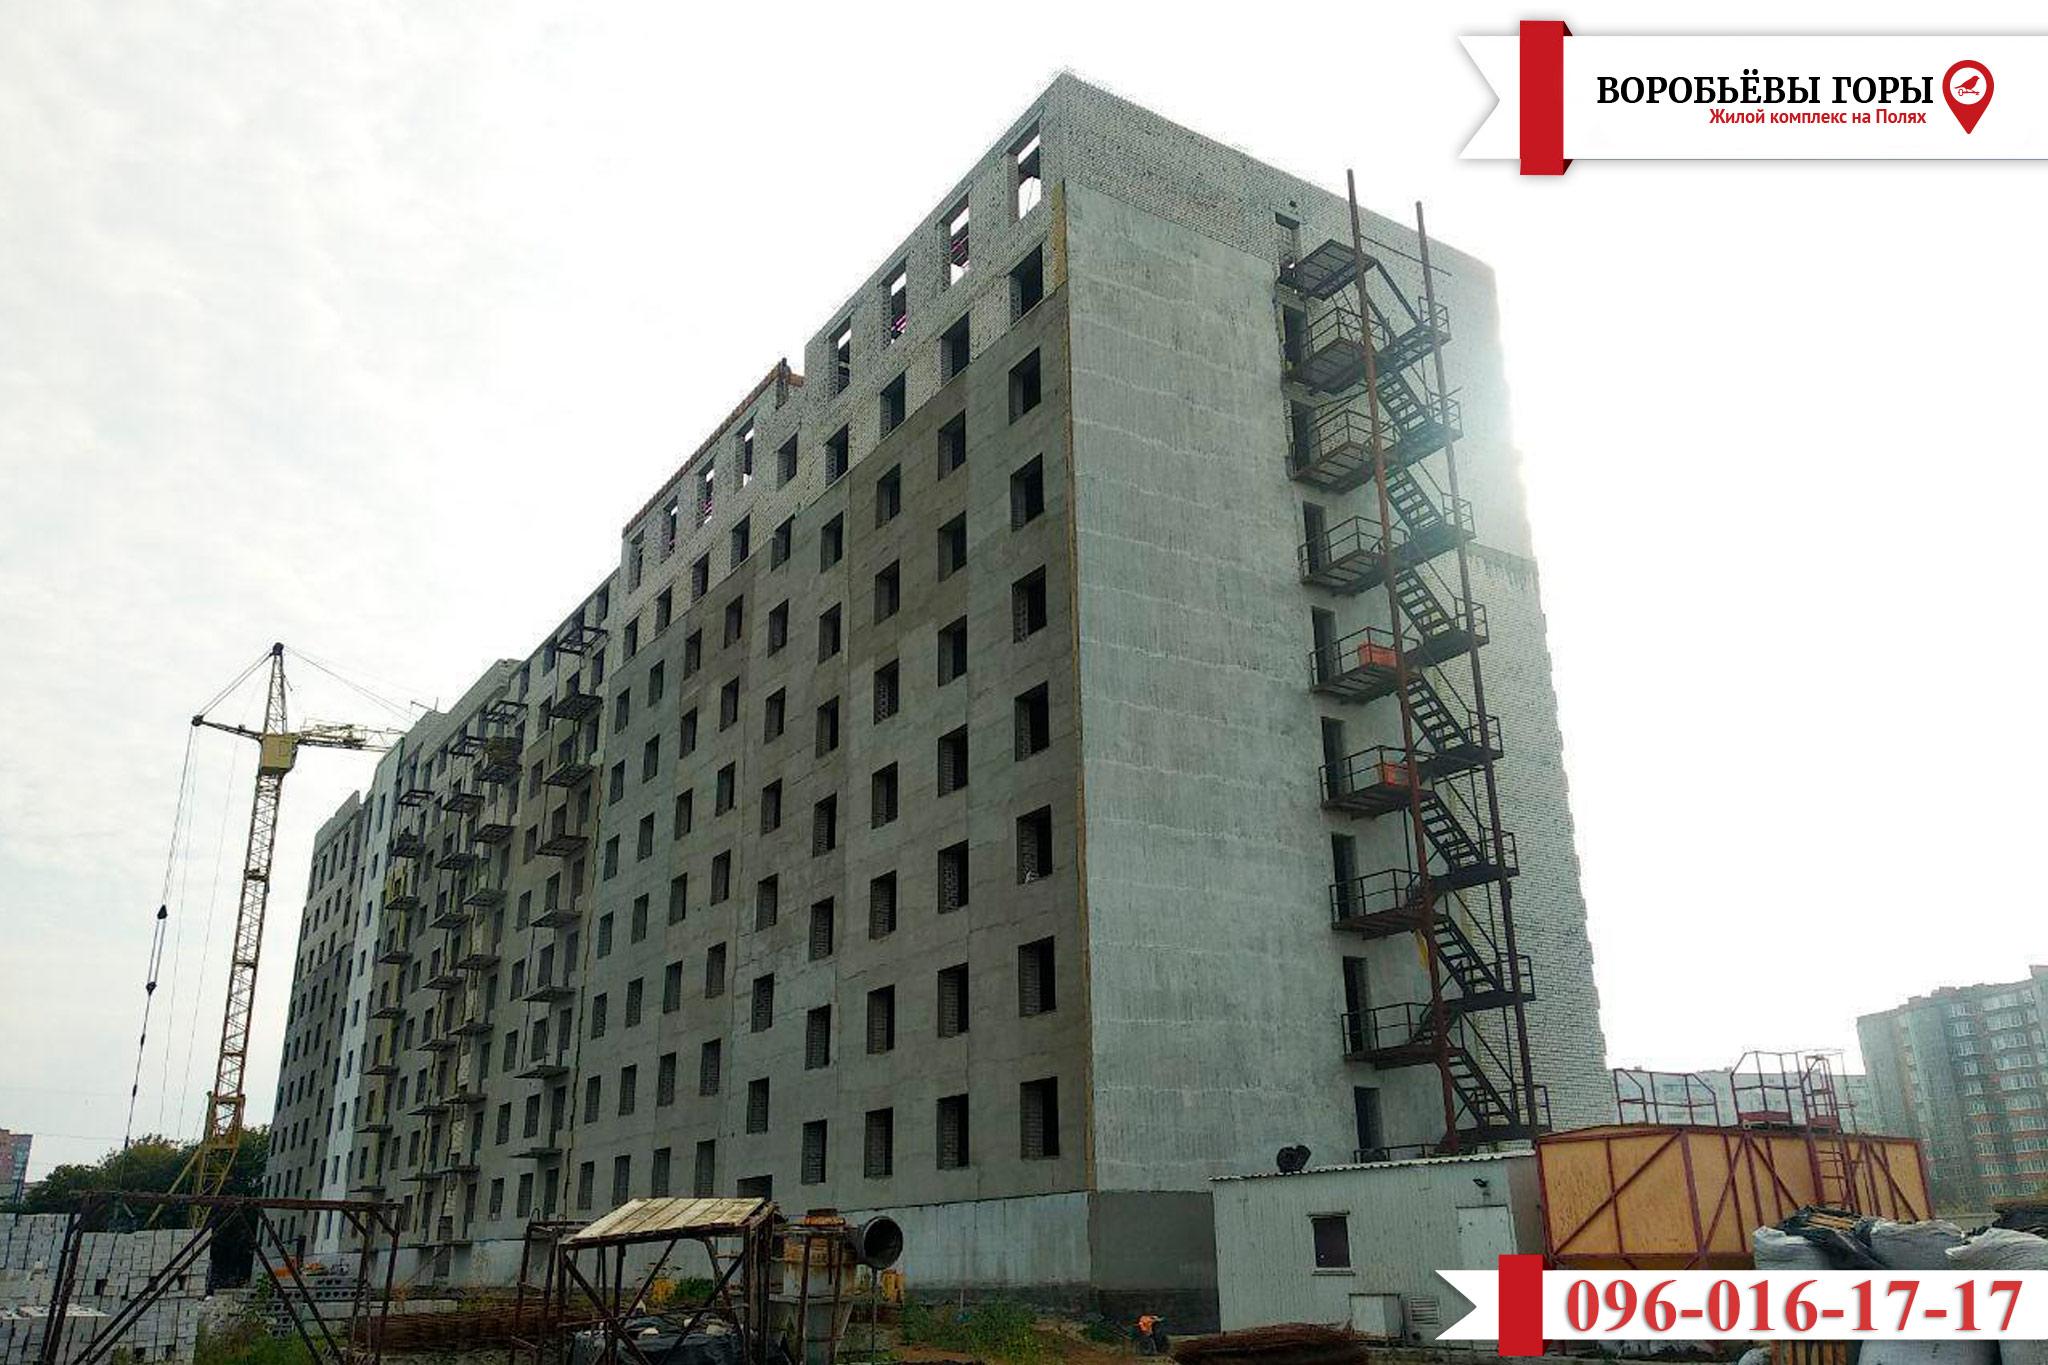 Как проходит строительство ЖК «Воробьевы Горы на Полях»?